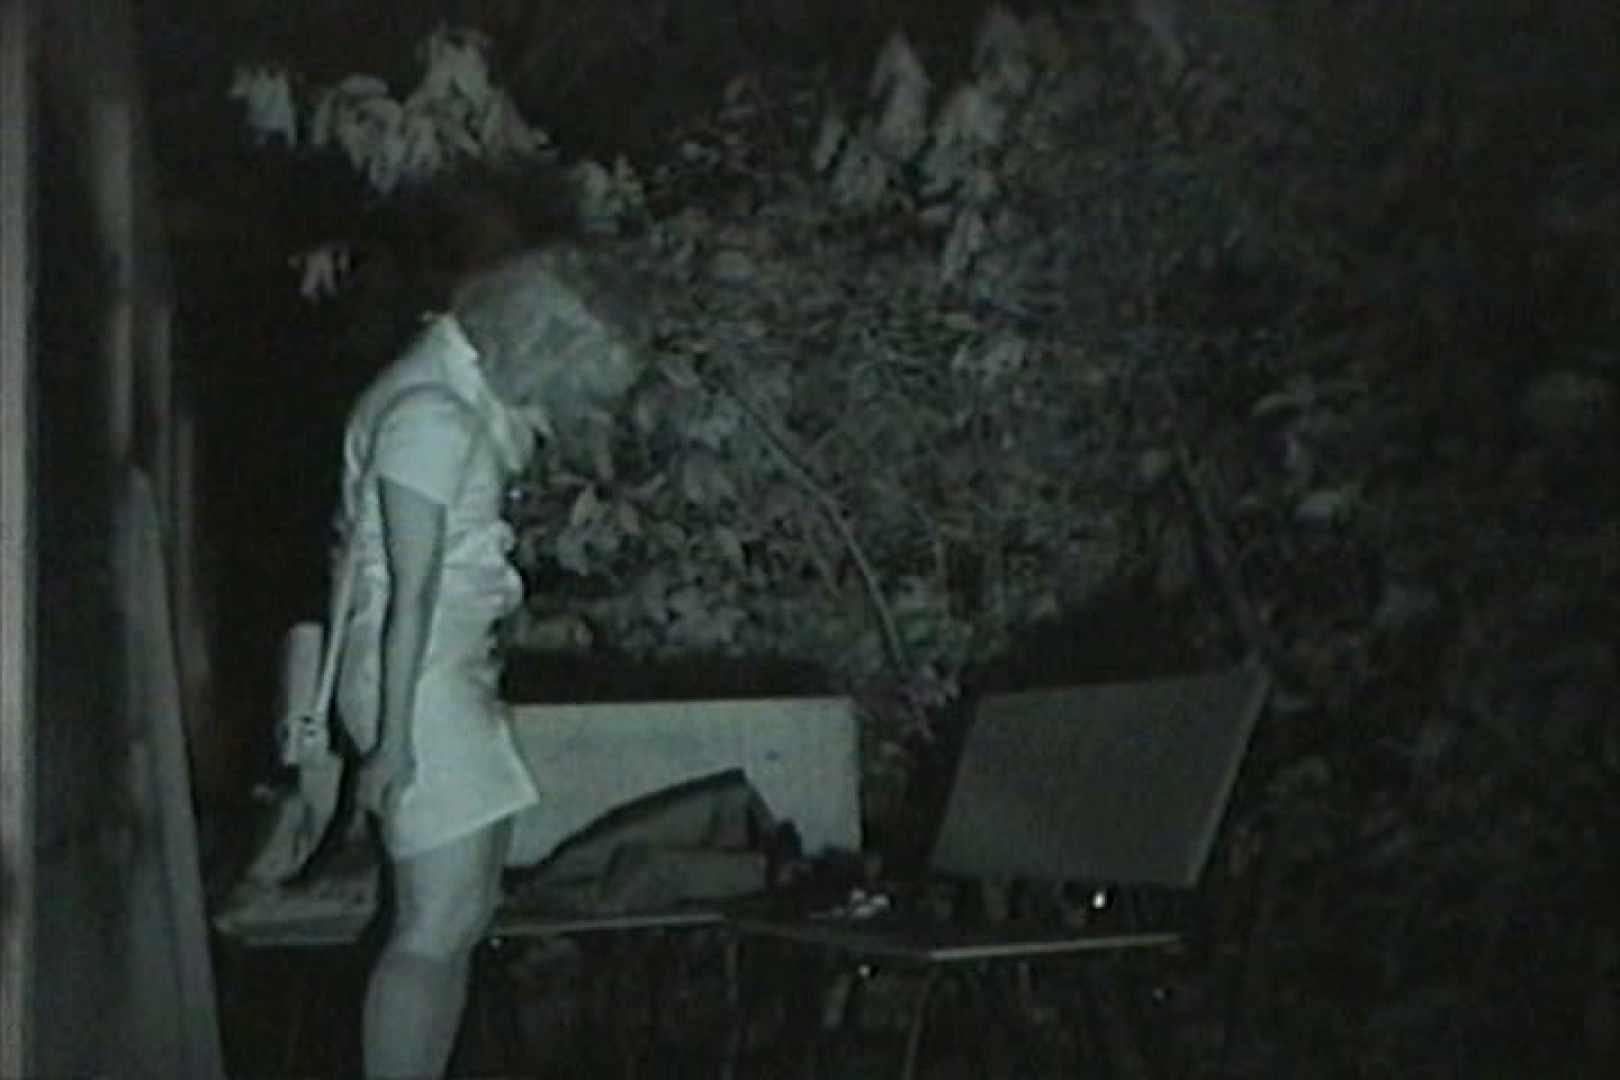 闇の仕掛け人 無修正版 Vol.24 ホテル おまんこ無修正動画無料 102画像 89